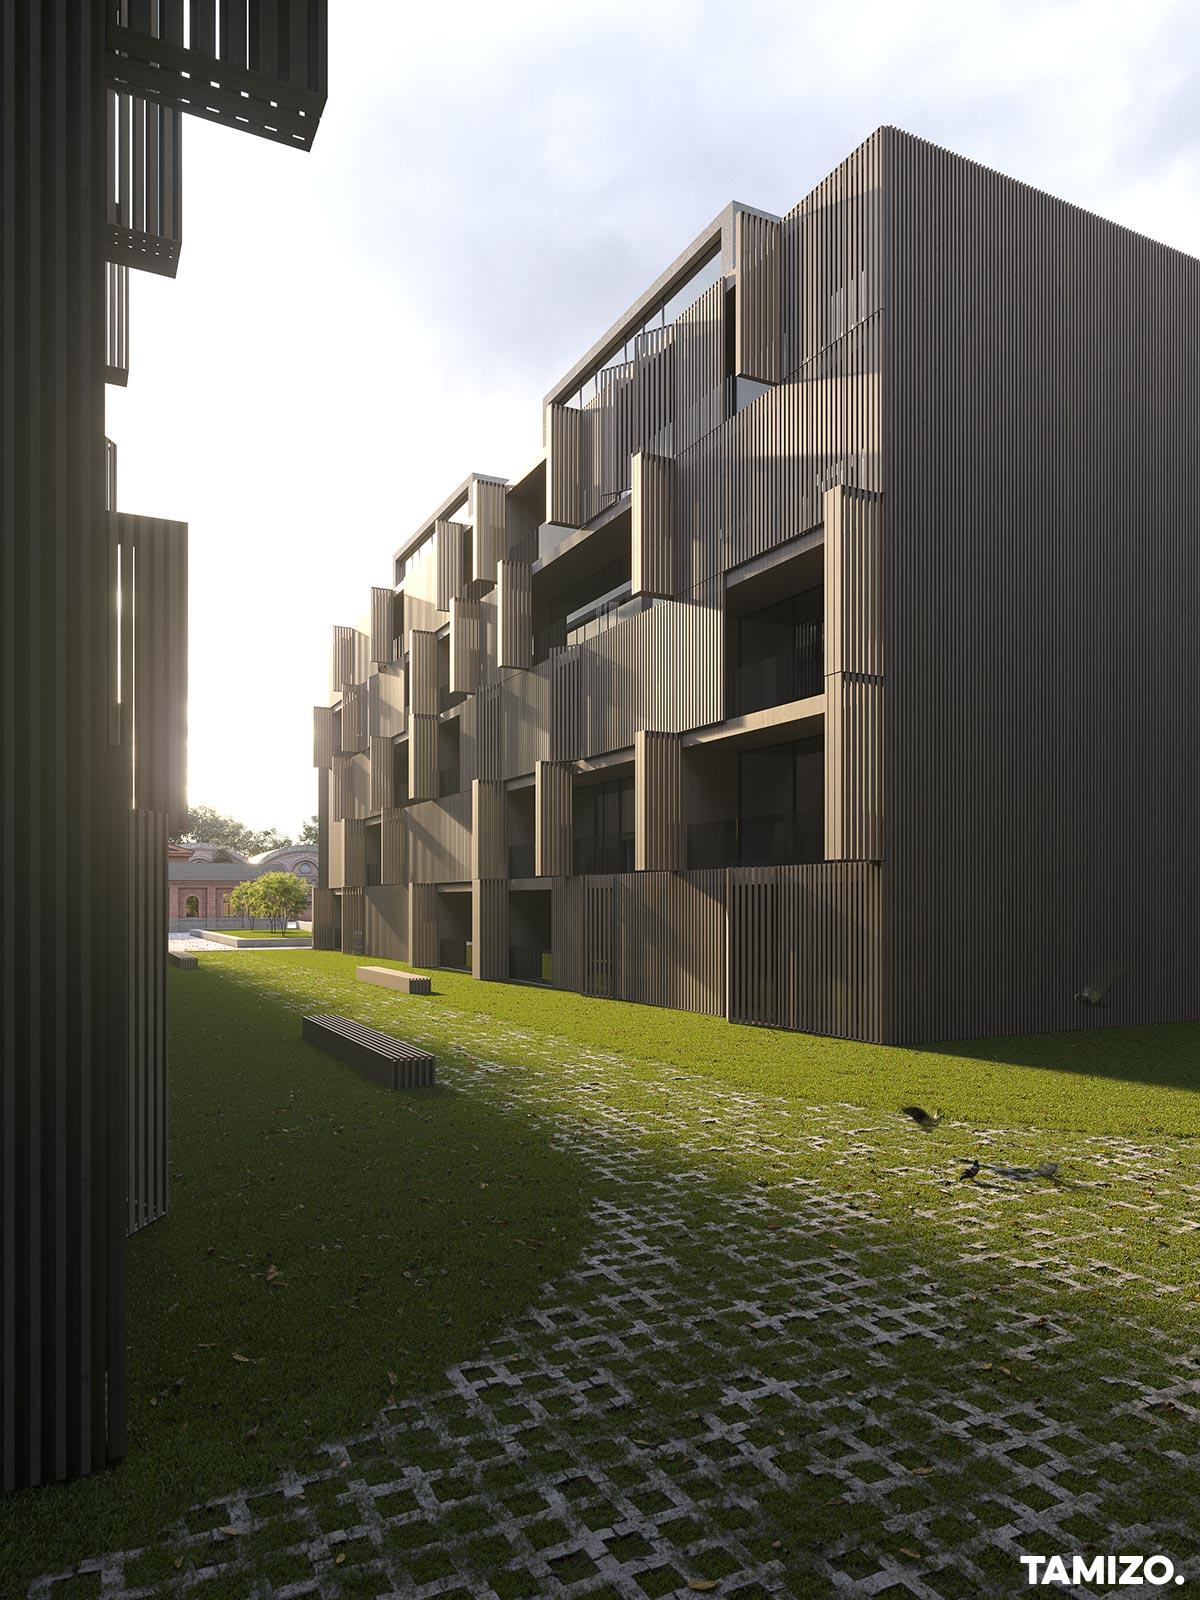 tamizo_architecture_houseing_mieszkaniowa_architektura_biura_office_builidng_lodz_11